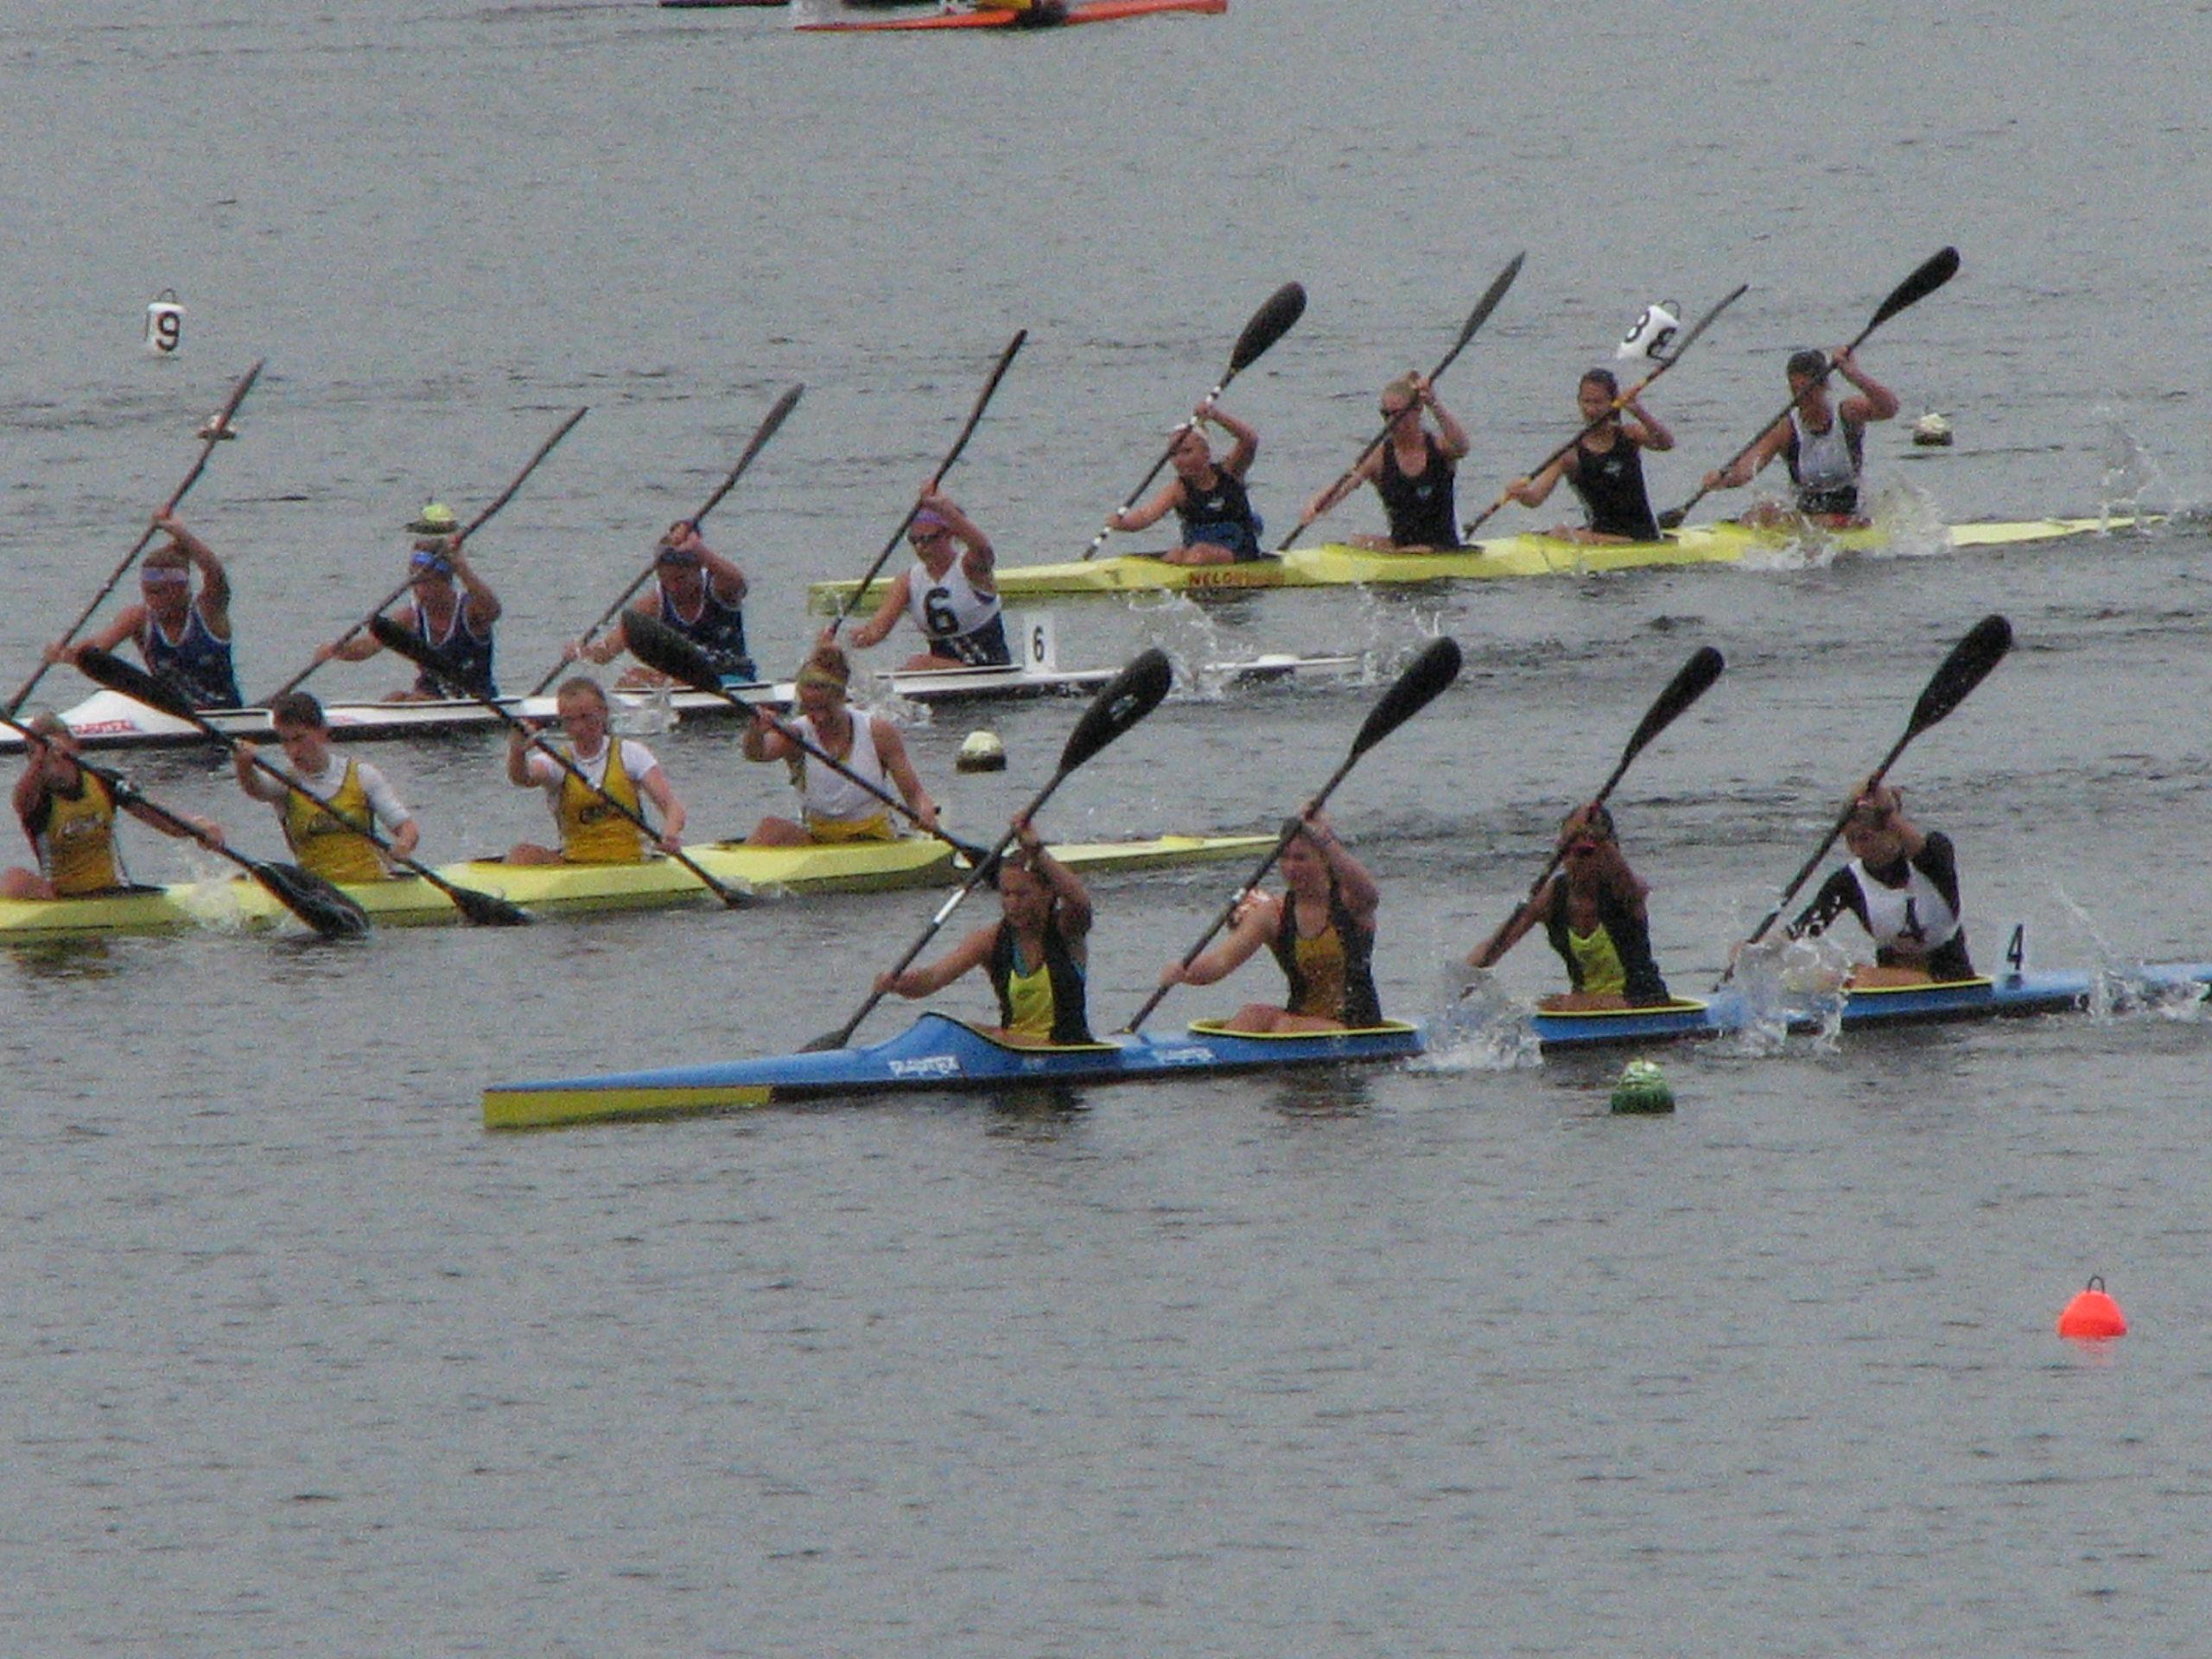 Sprint Canoe / Kayak